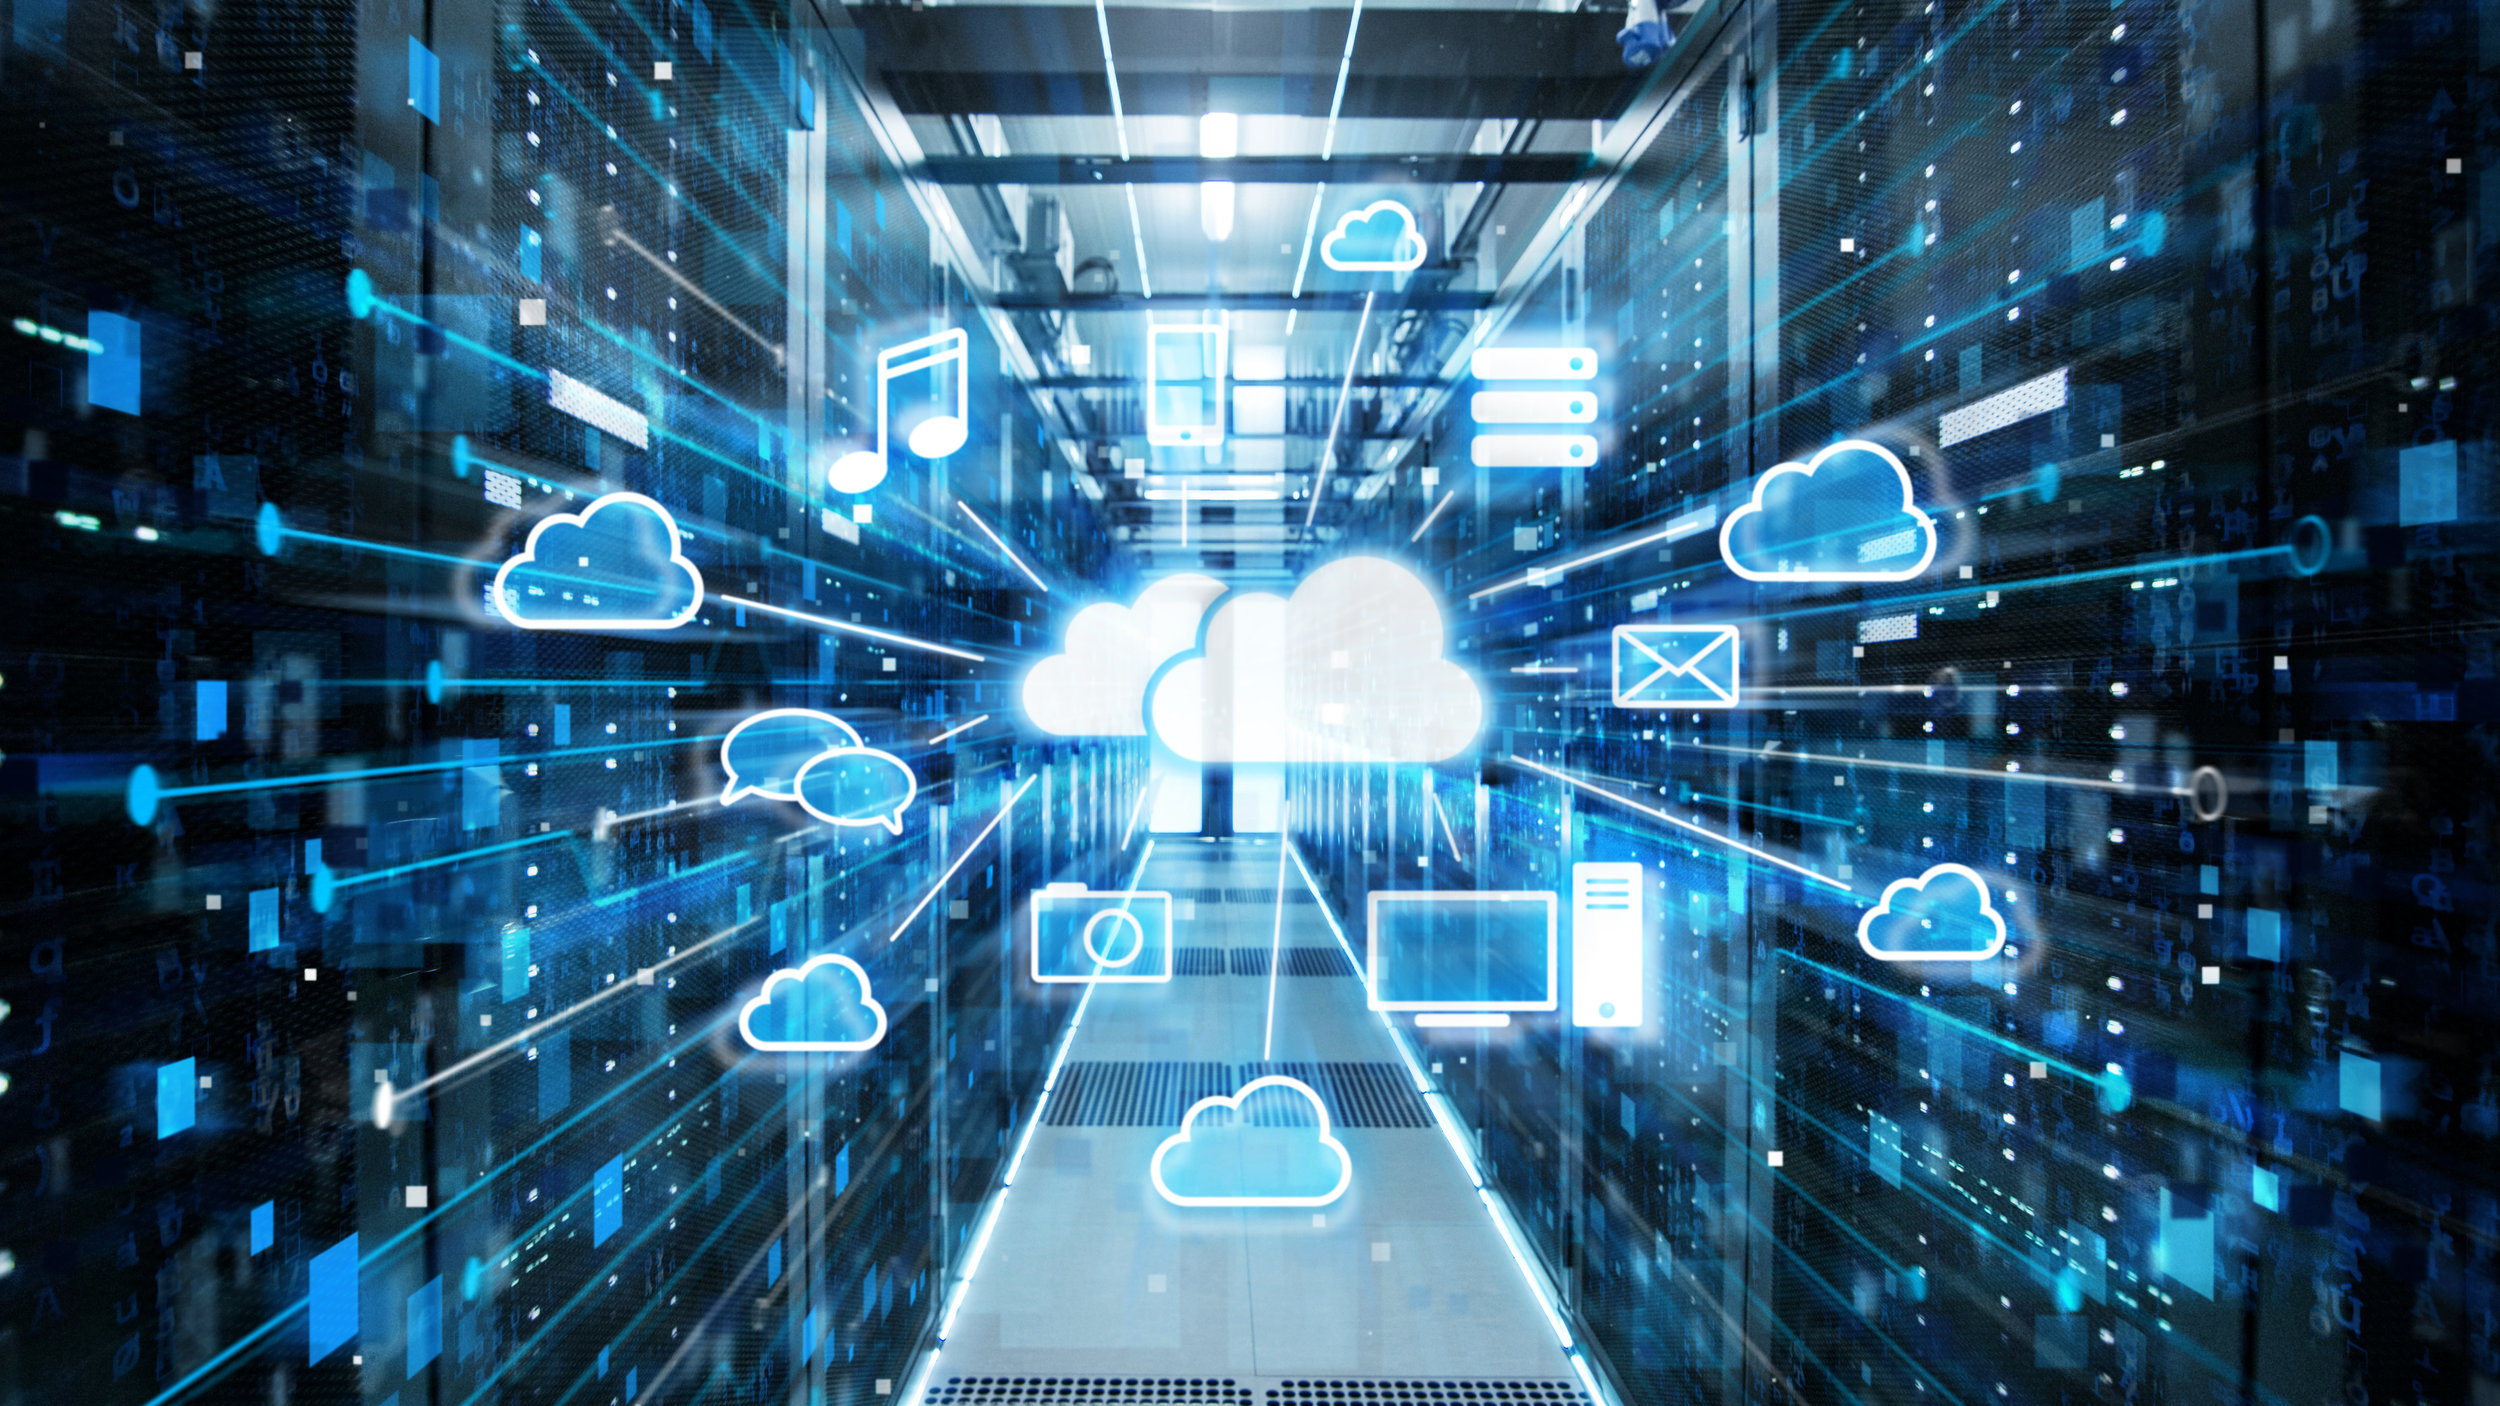 cloudservers.jpg